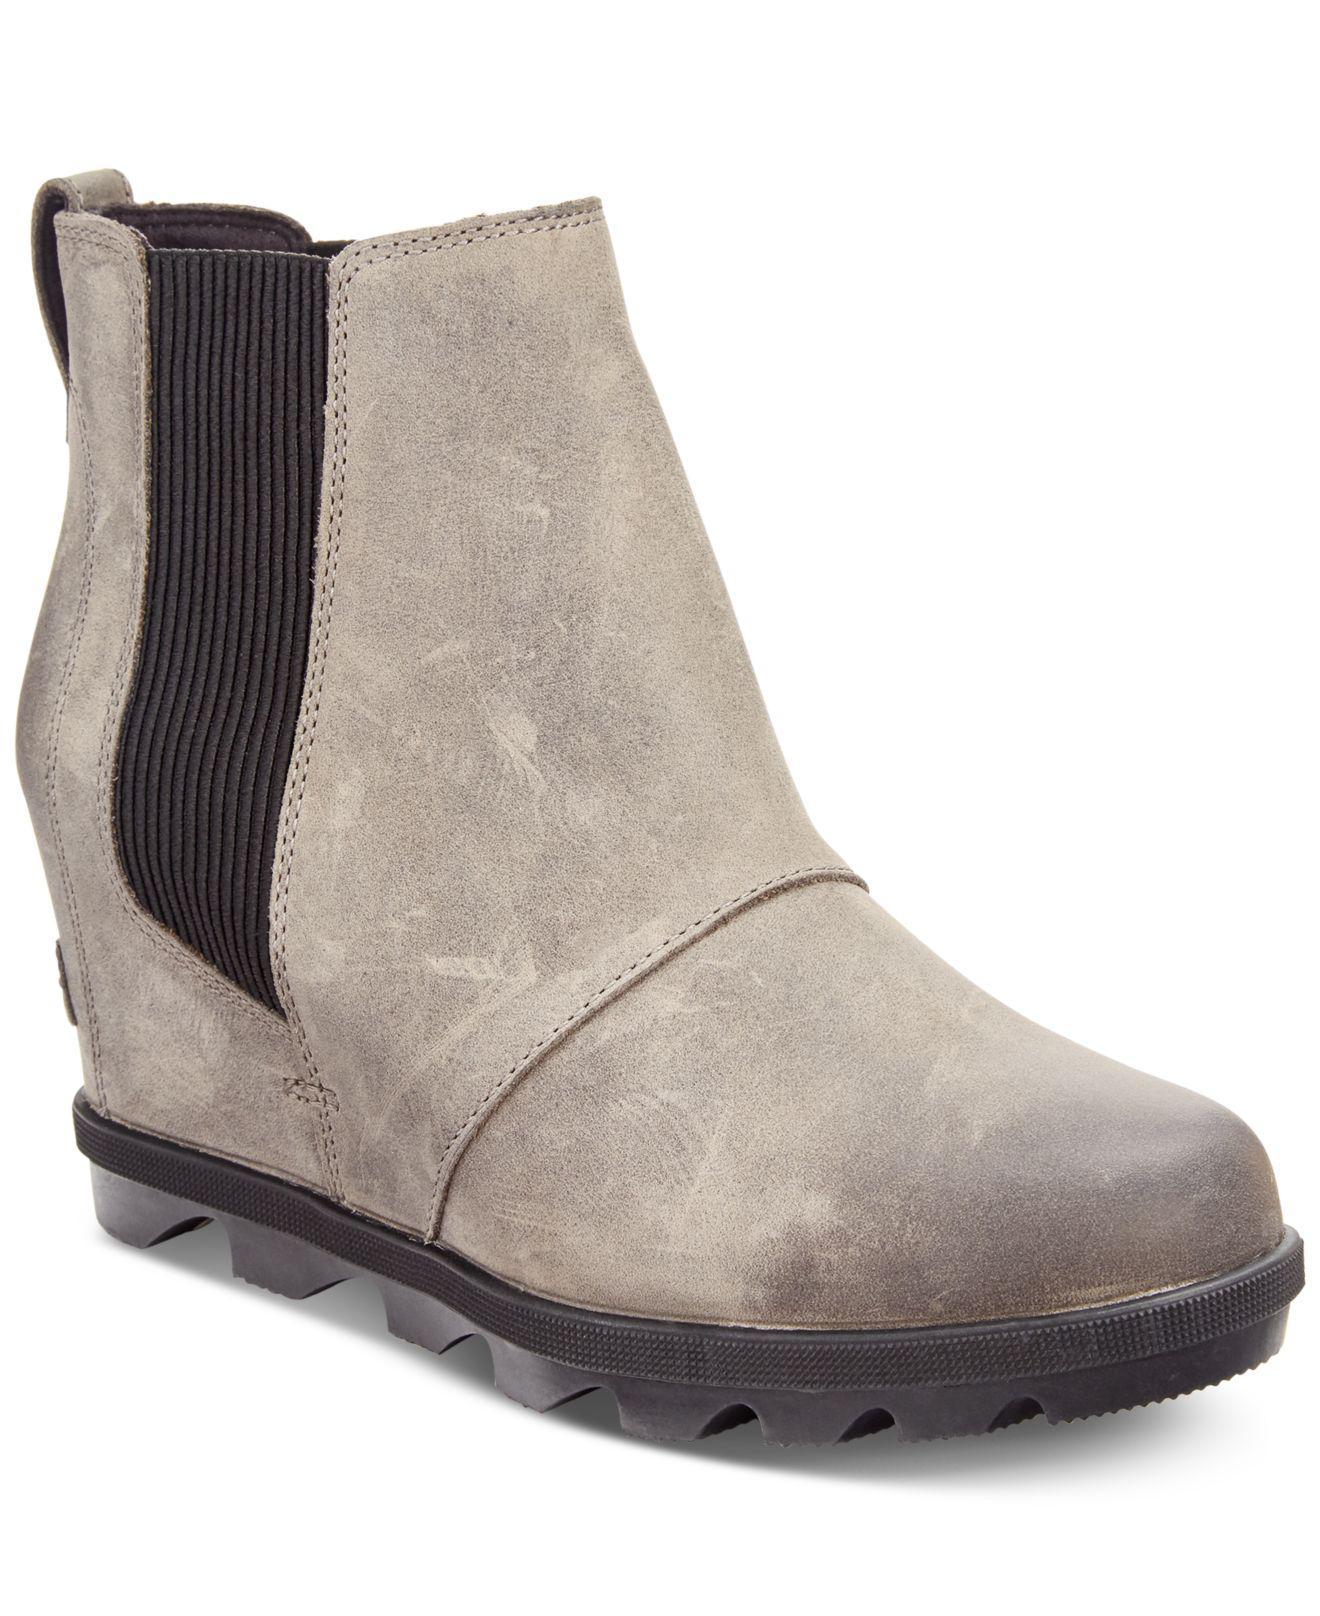 7c0790f42ca Lyst - Sorel Joan Of Arctic Wedge Ii Waterproof Chelsea Booties in Gray